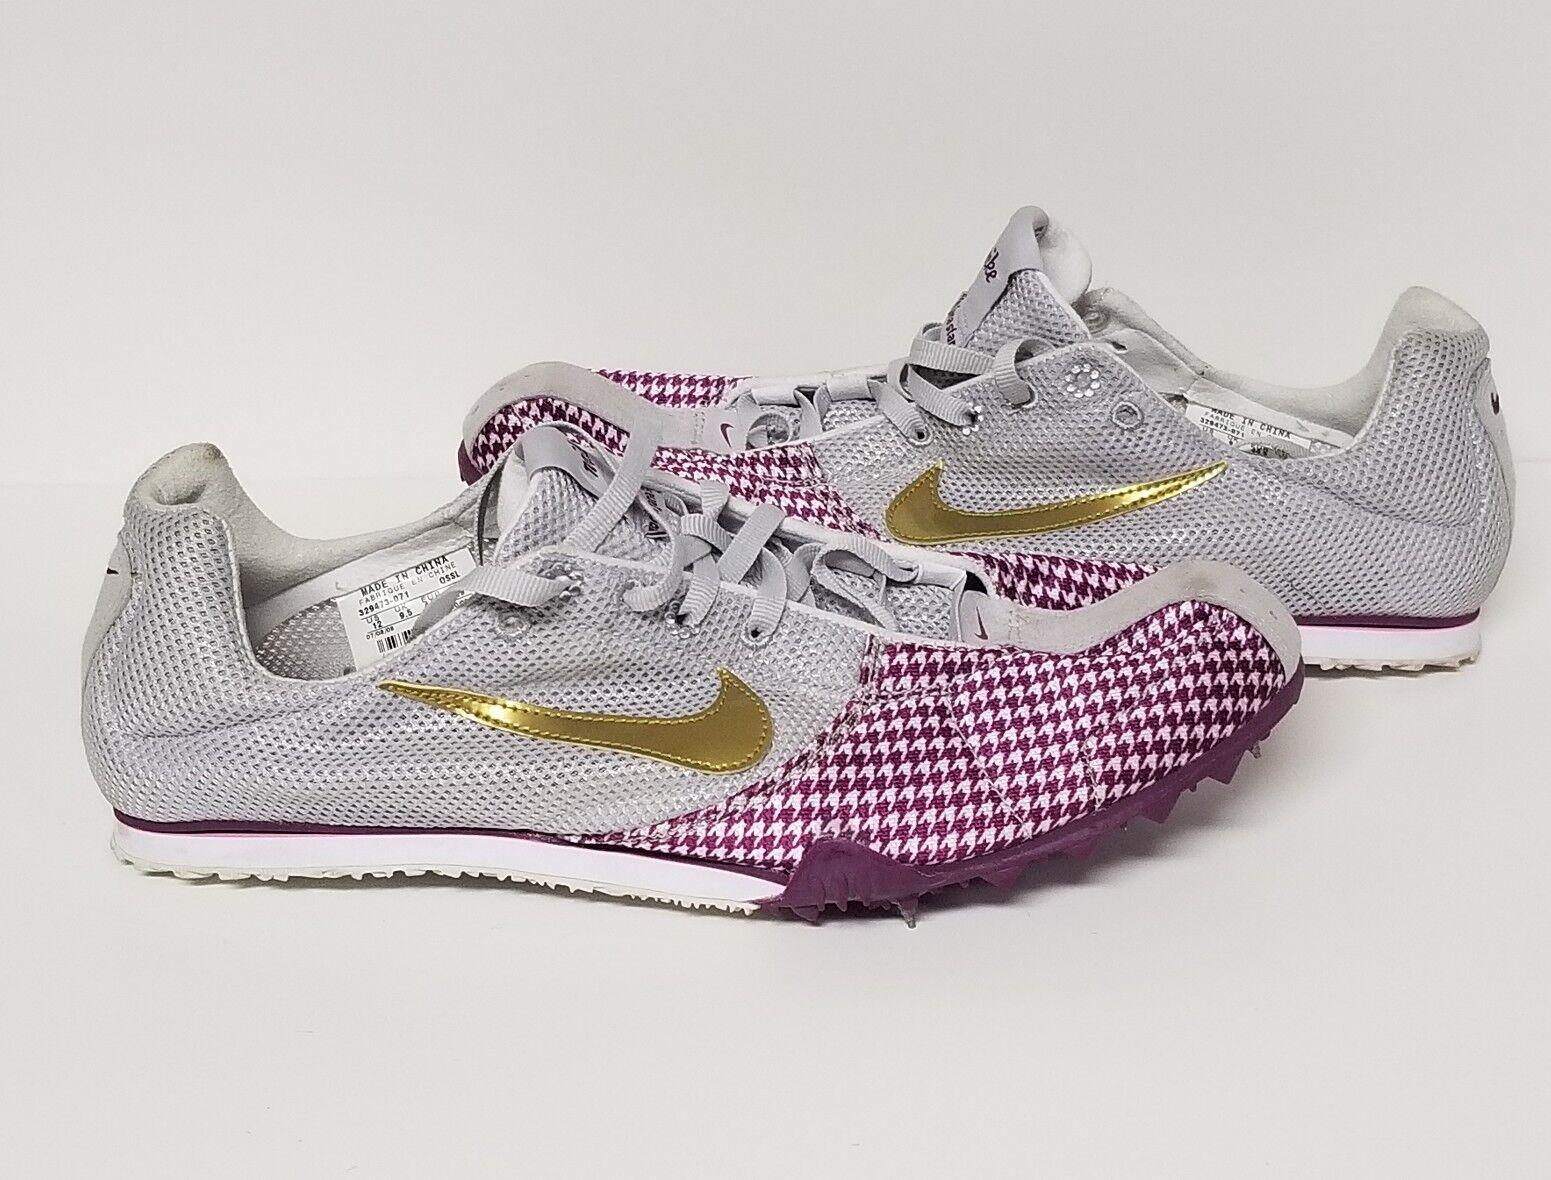 Nike zoom zoom zoom jana star spuntoni traccia delle scarpe da corsa bowerman taglia 12 grigio rosa viola | Prodotti di alta qualità  | Imballaggio elegante e robusto  | adottare  0894ed